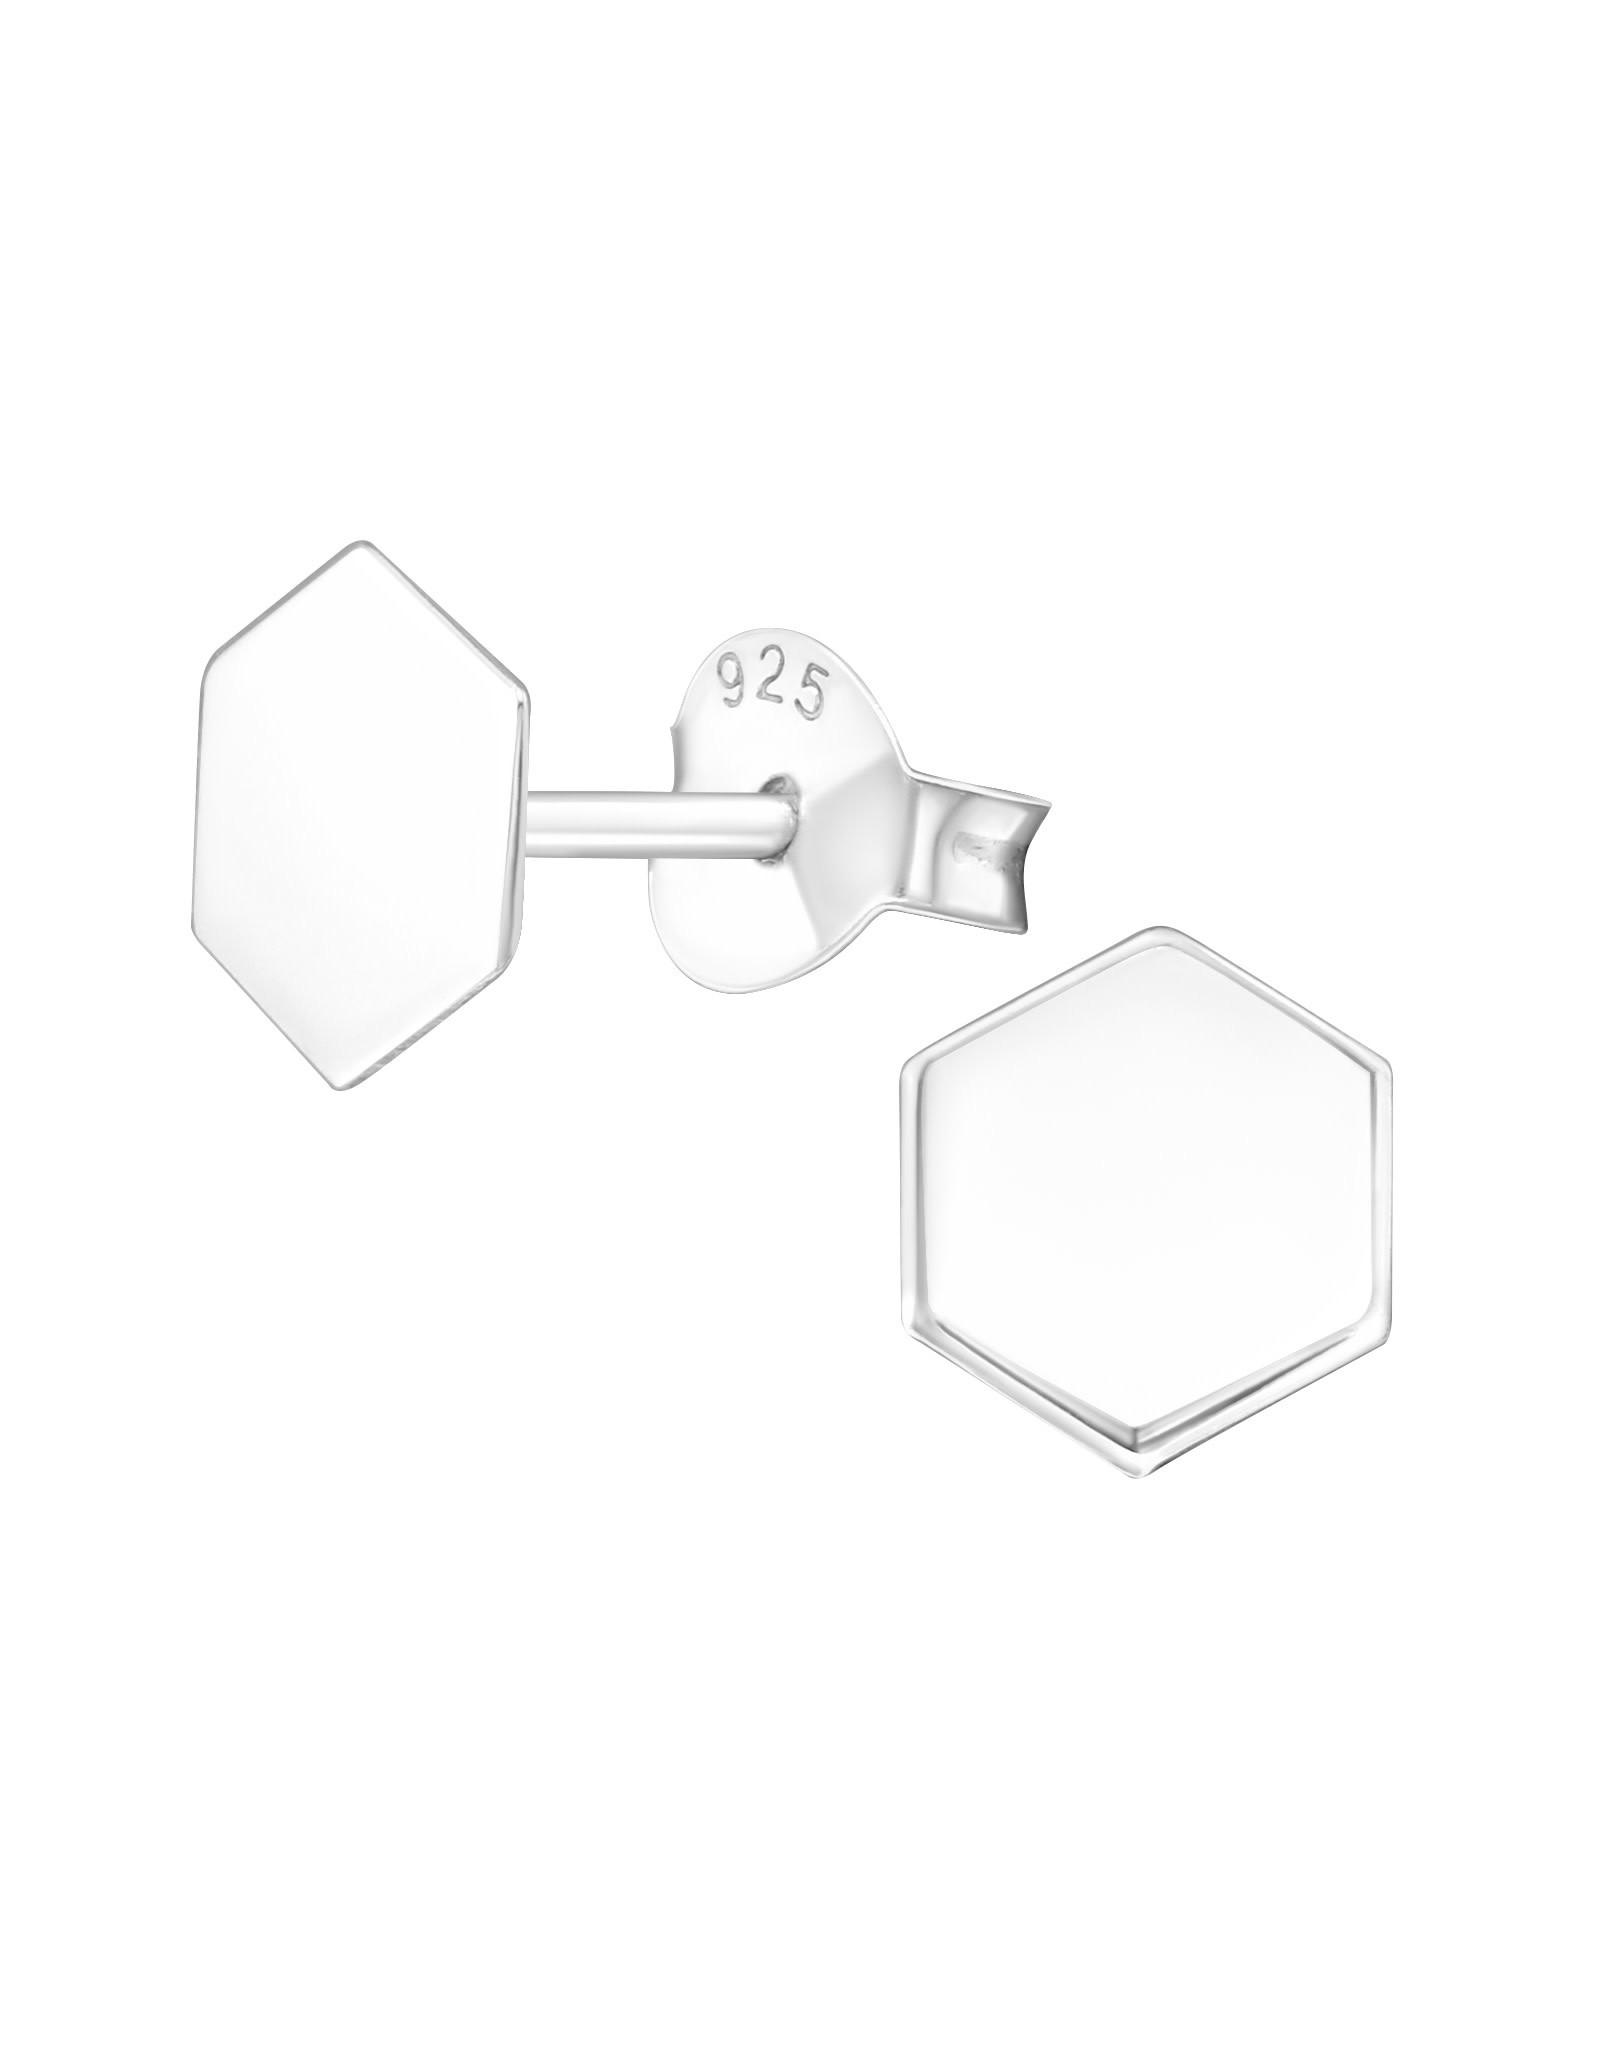 Stekertjes zilver zeshoekje